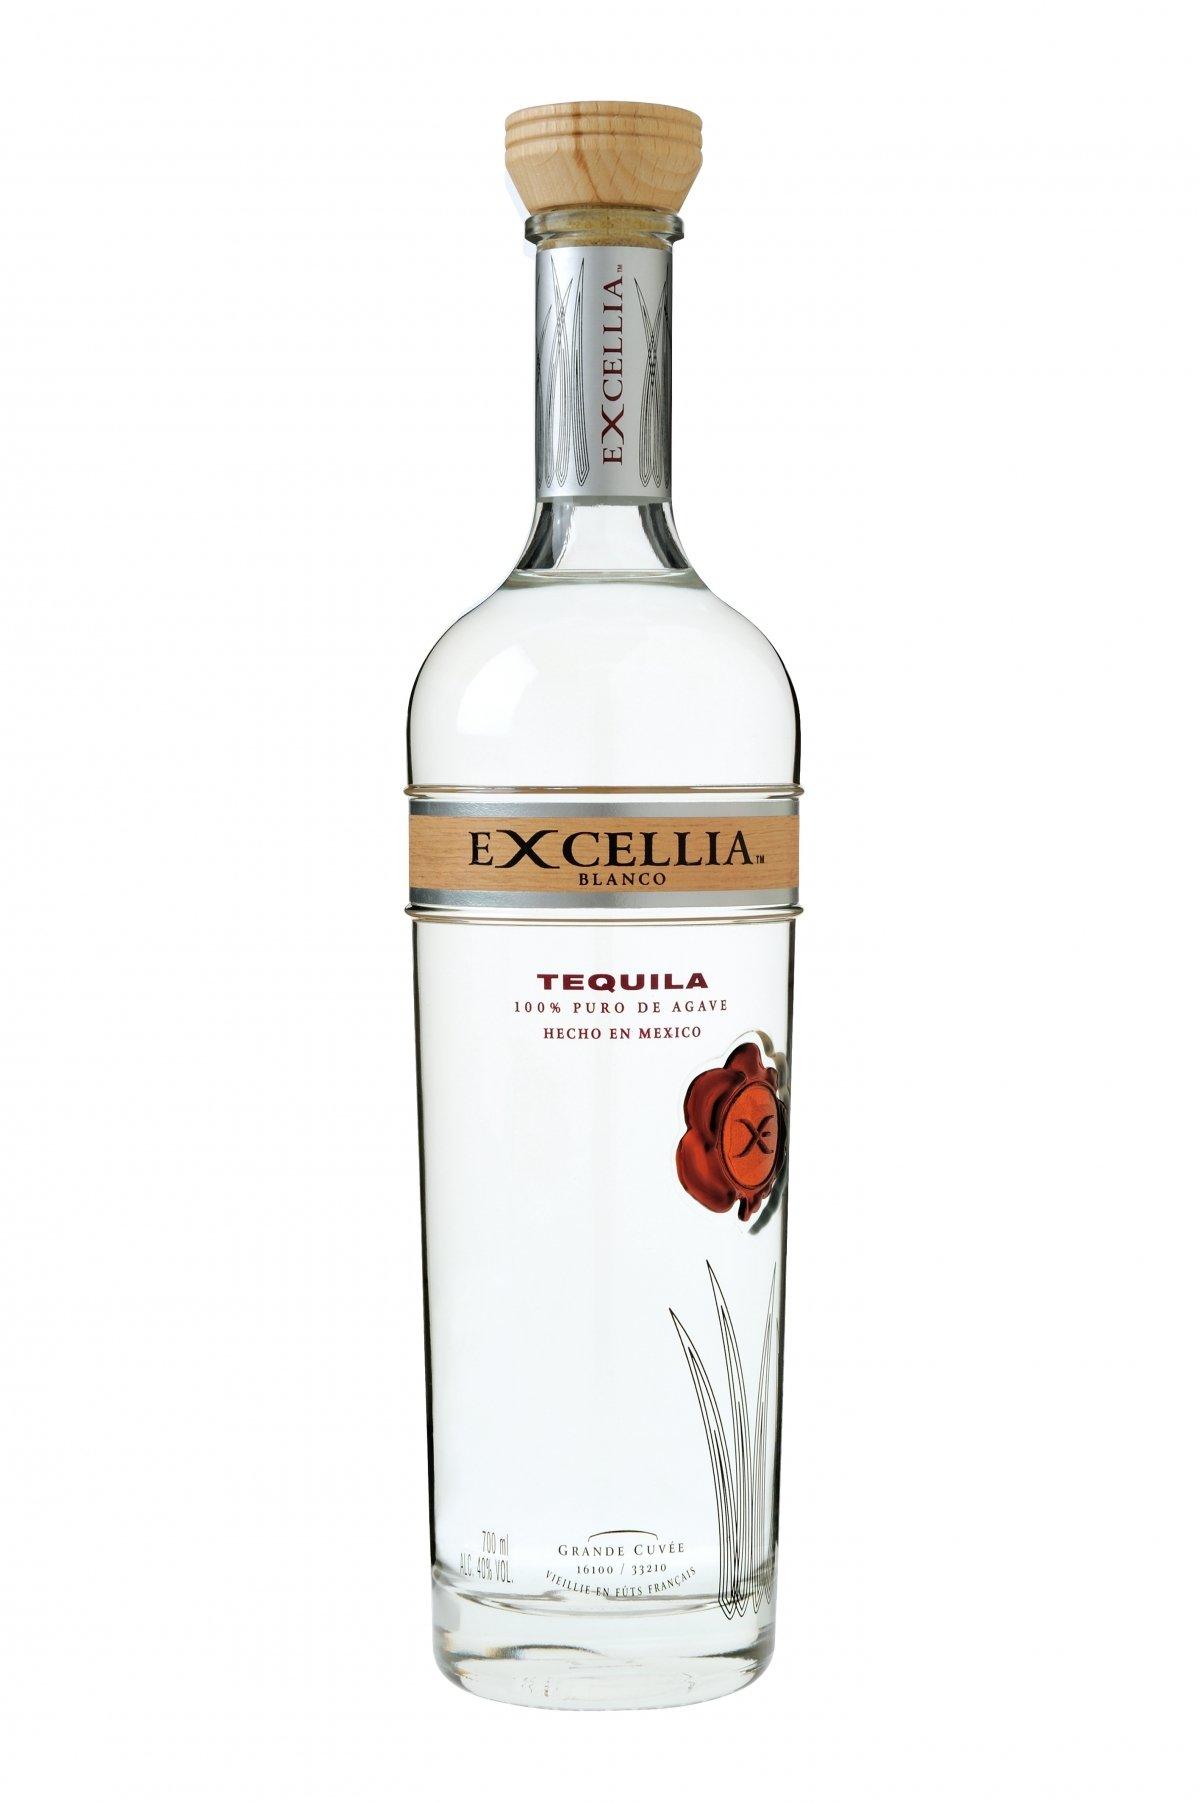 Botella de Excellia Blanco Tequila